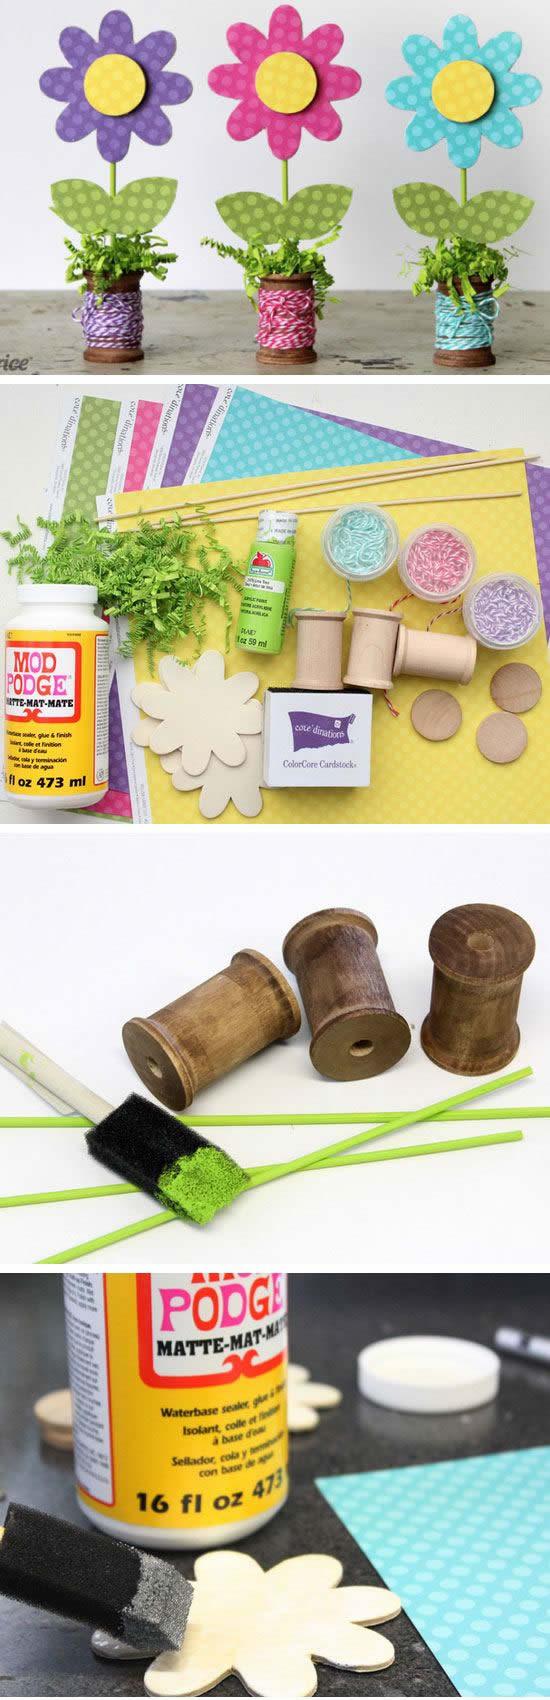 10 Artesanatos Lindos de Dia das Mães para fazer com as Crianças